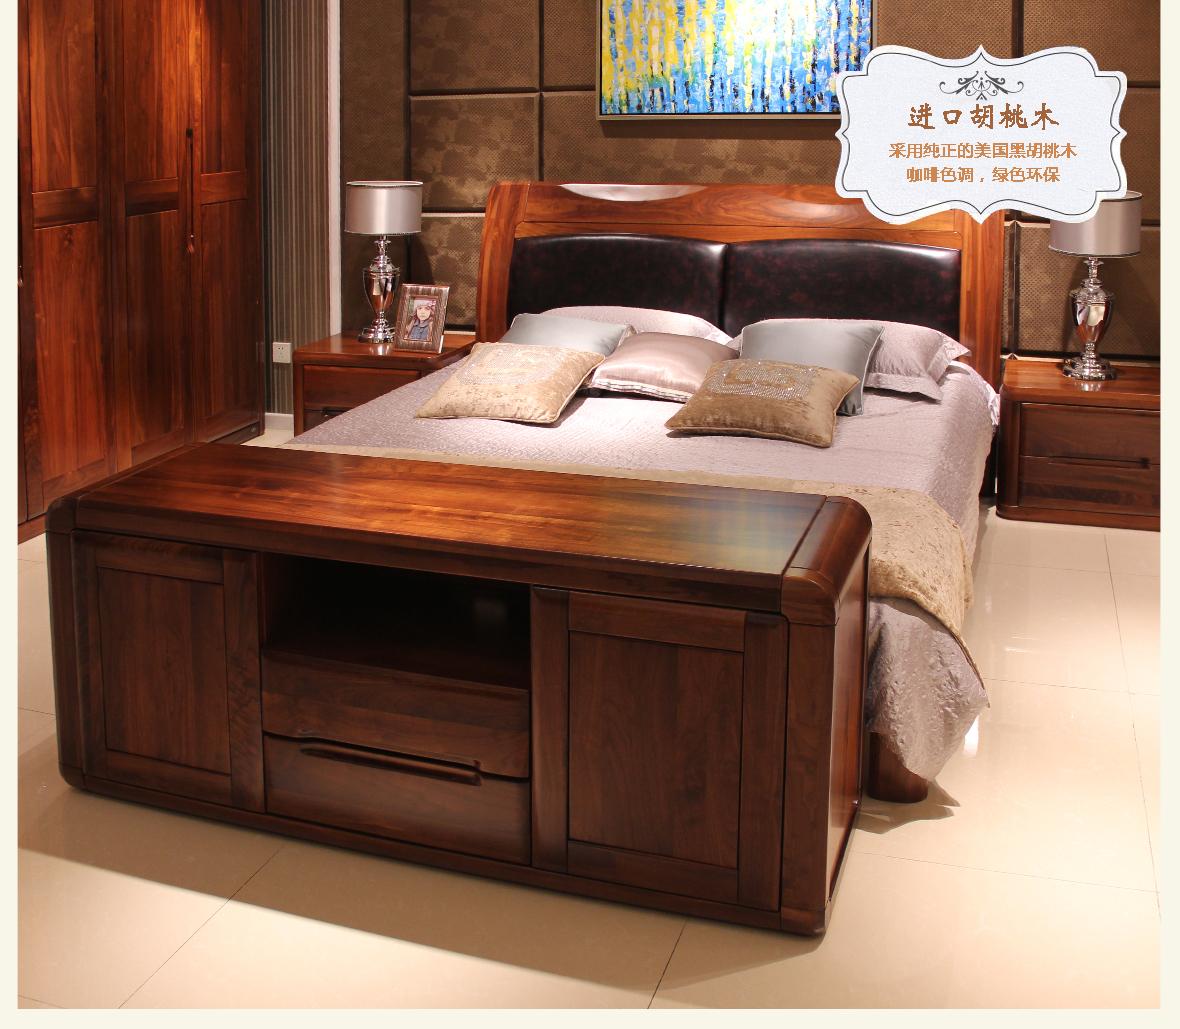 赖氏家具 胡桃木双人床ls-b0518 u0118型号 进口实木